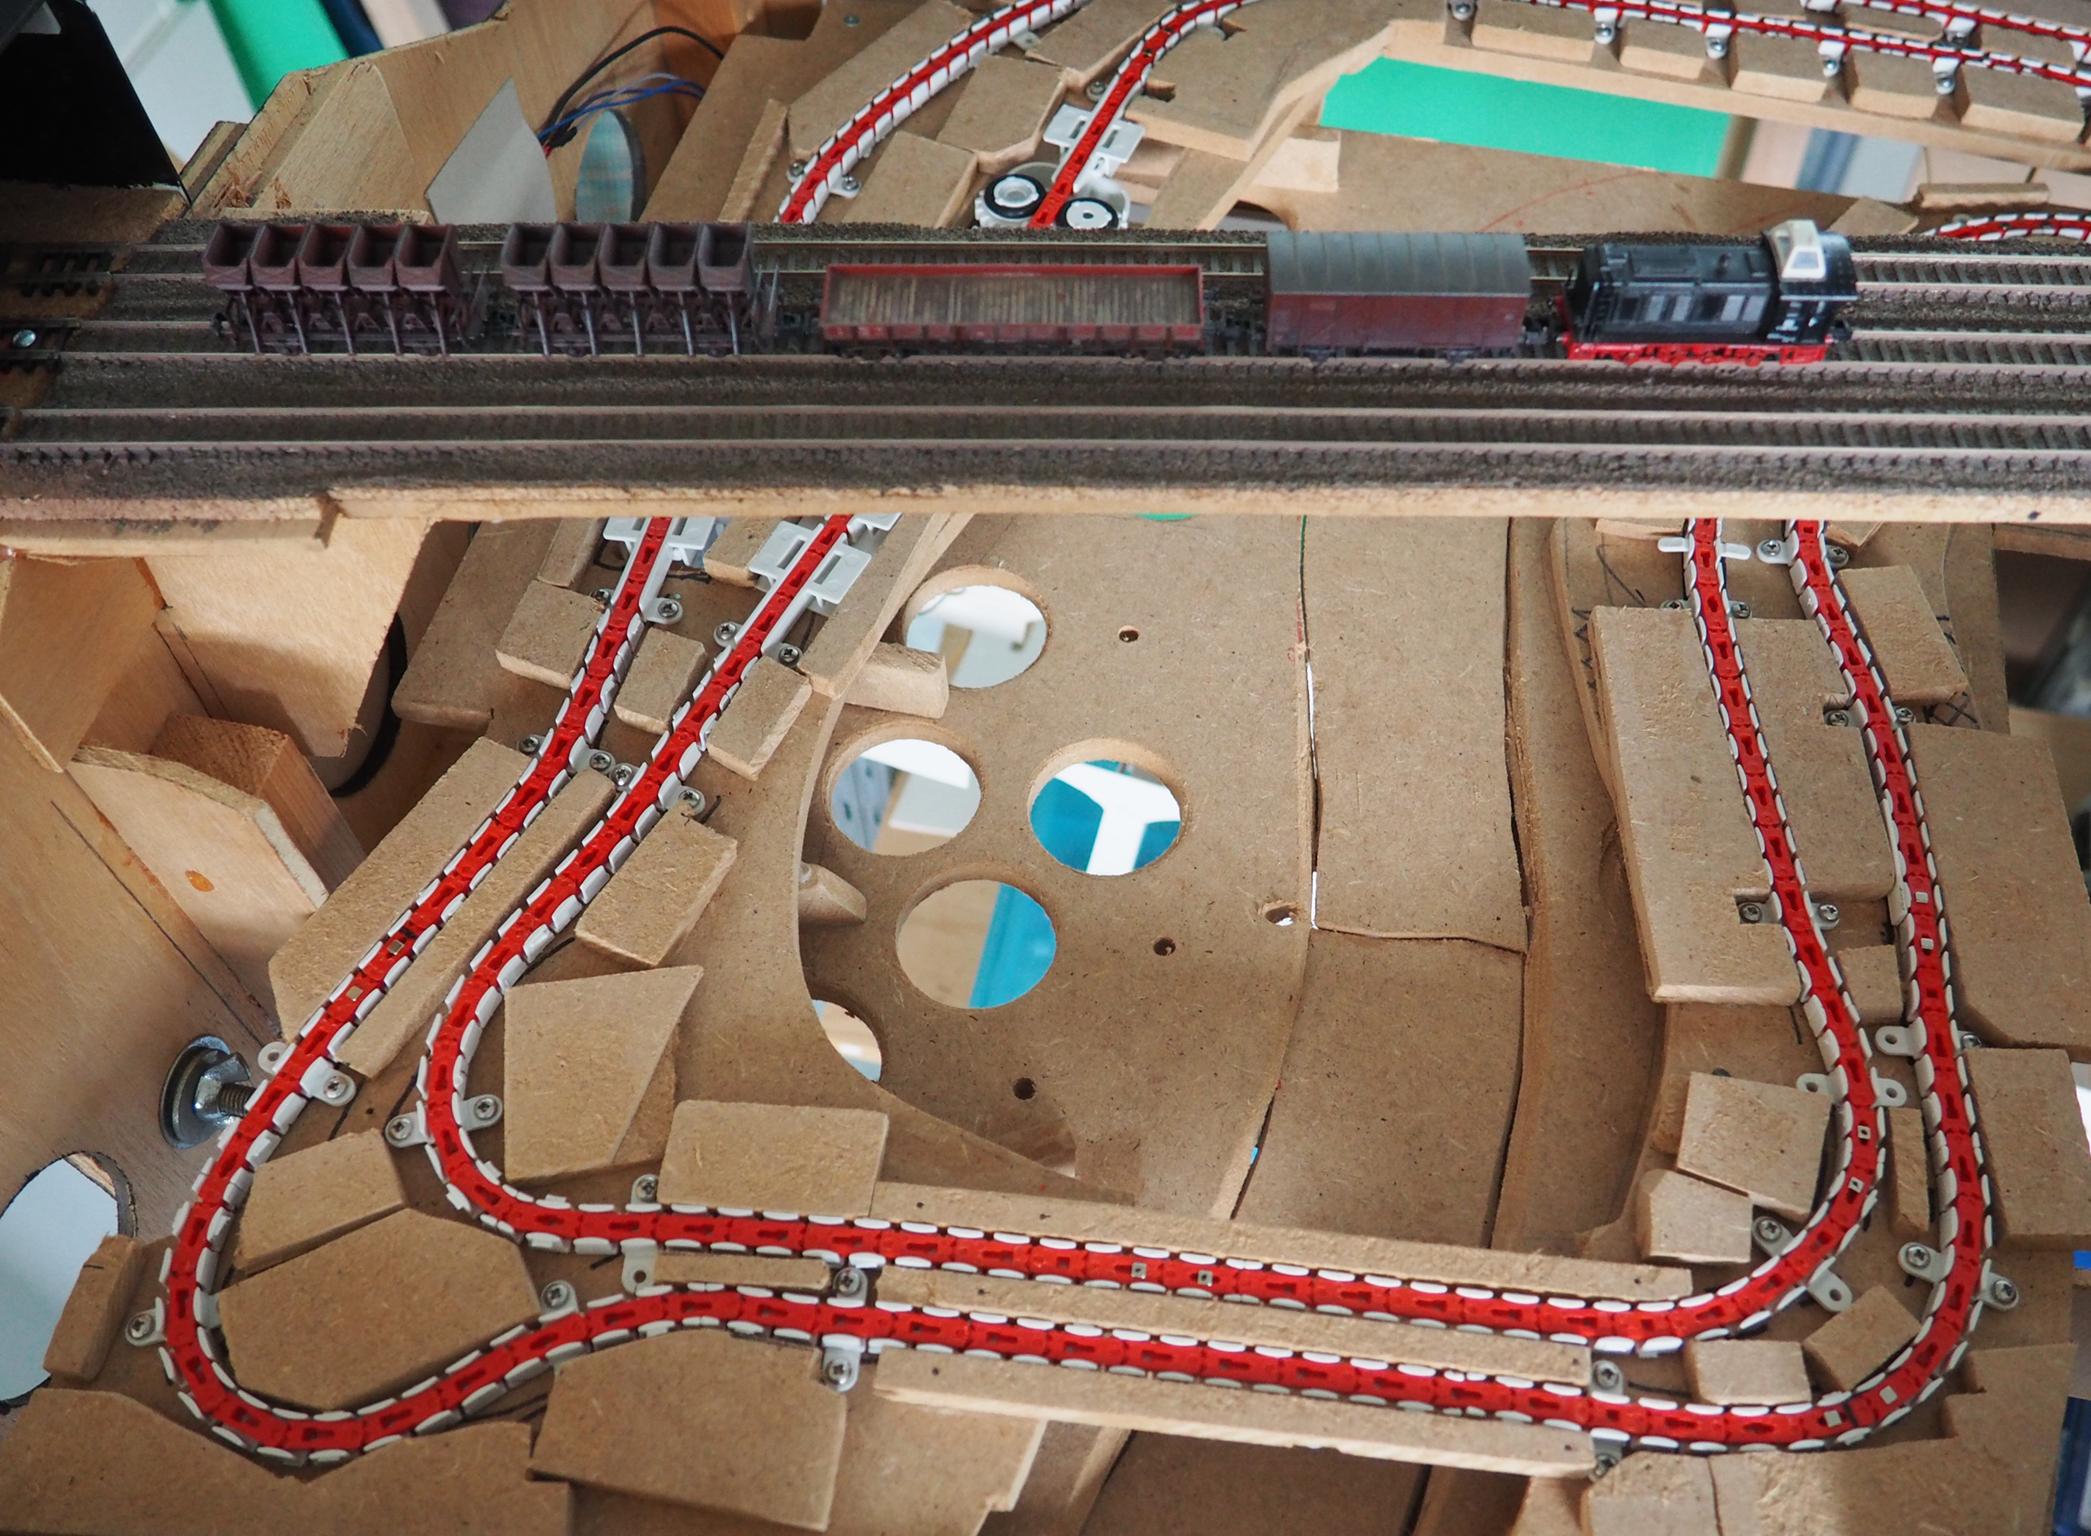 Het hele traject is ten behoeve van eenvoudige montage op een aparte plaat gemaakt die in z'n geheel in de modelbaan kan worden geschoven.